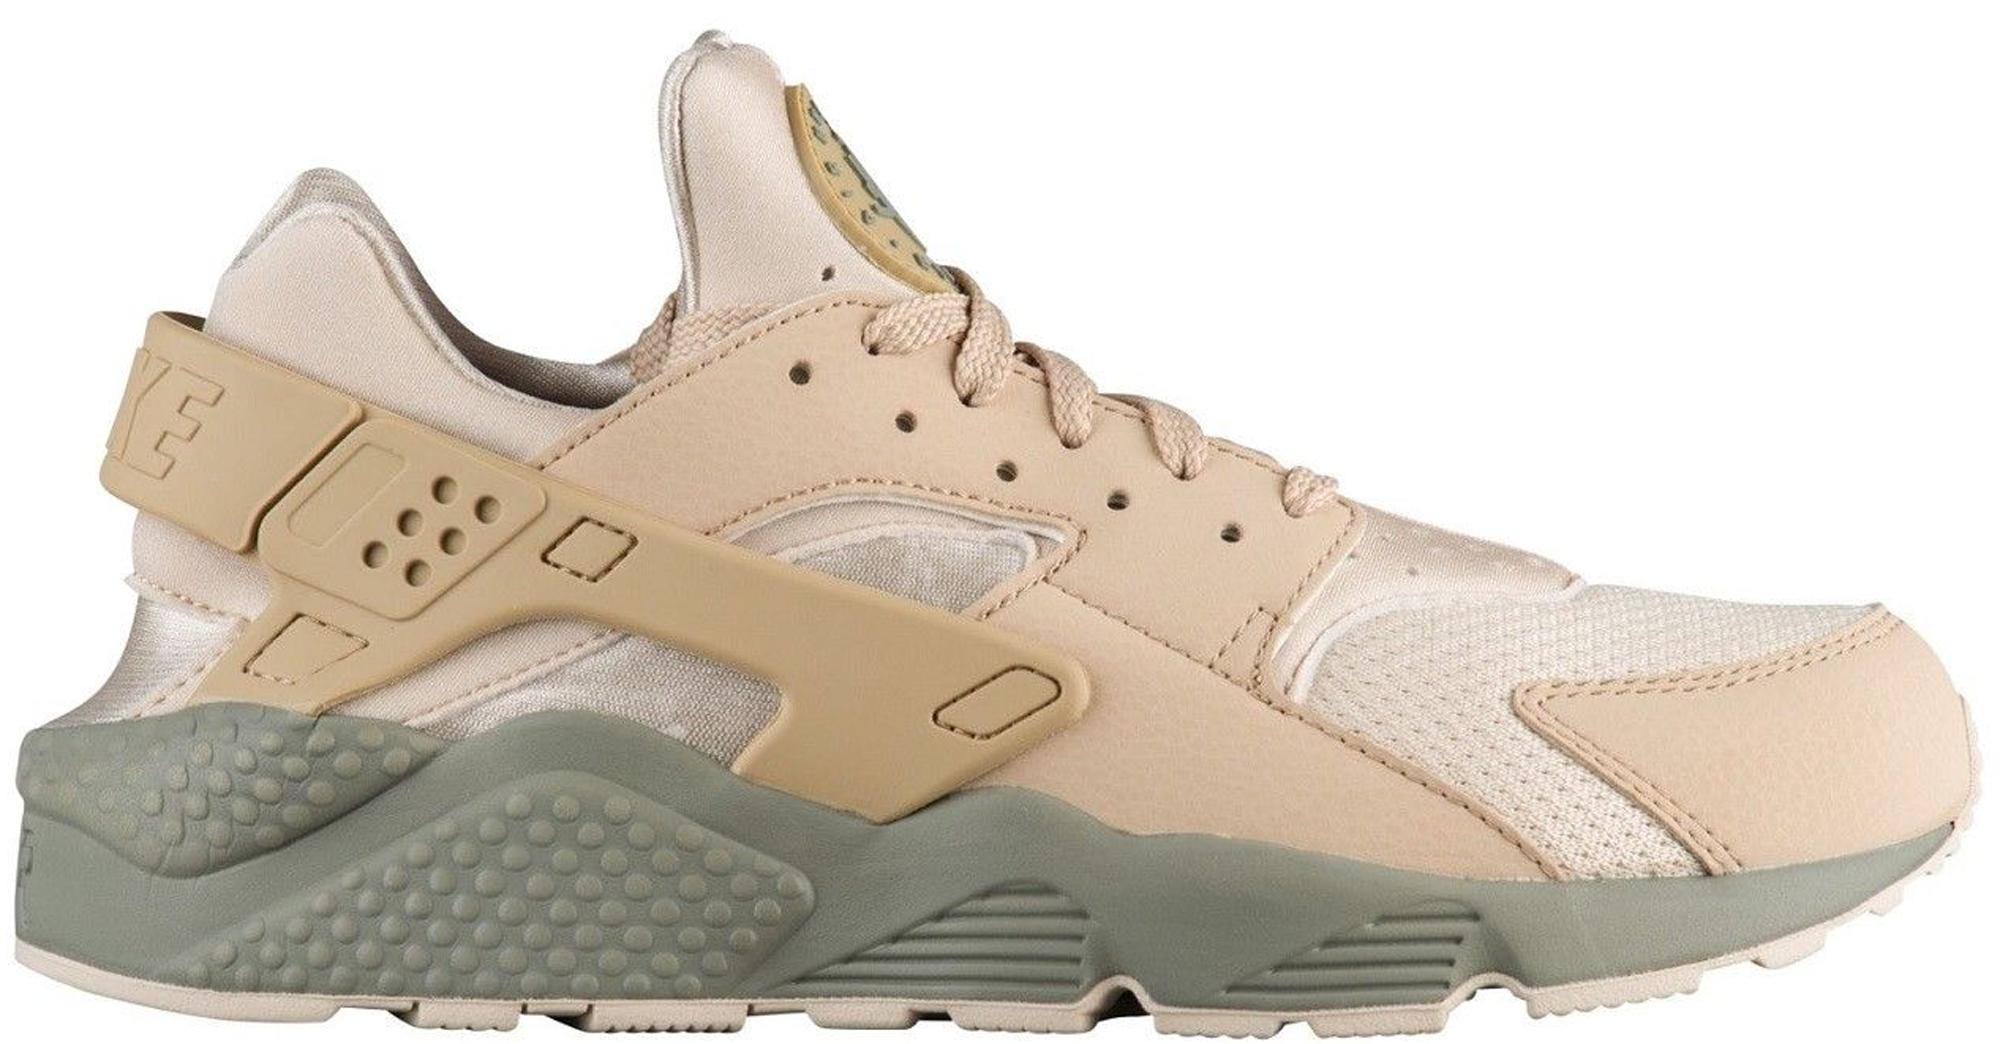 Nike Air Huarache Run Oatmeal - 318429-120